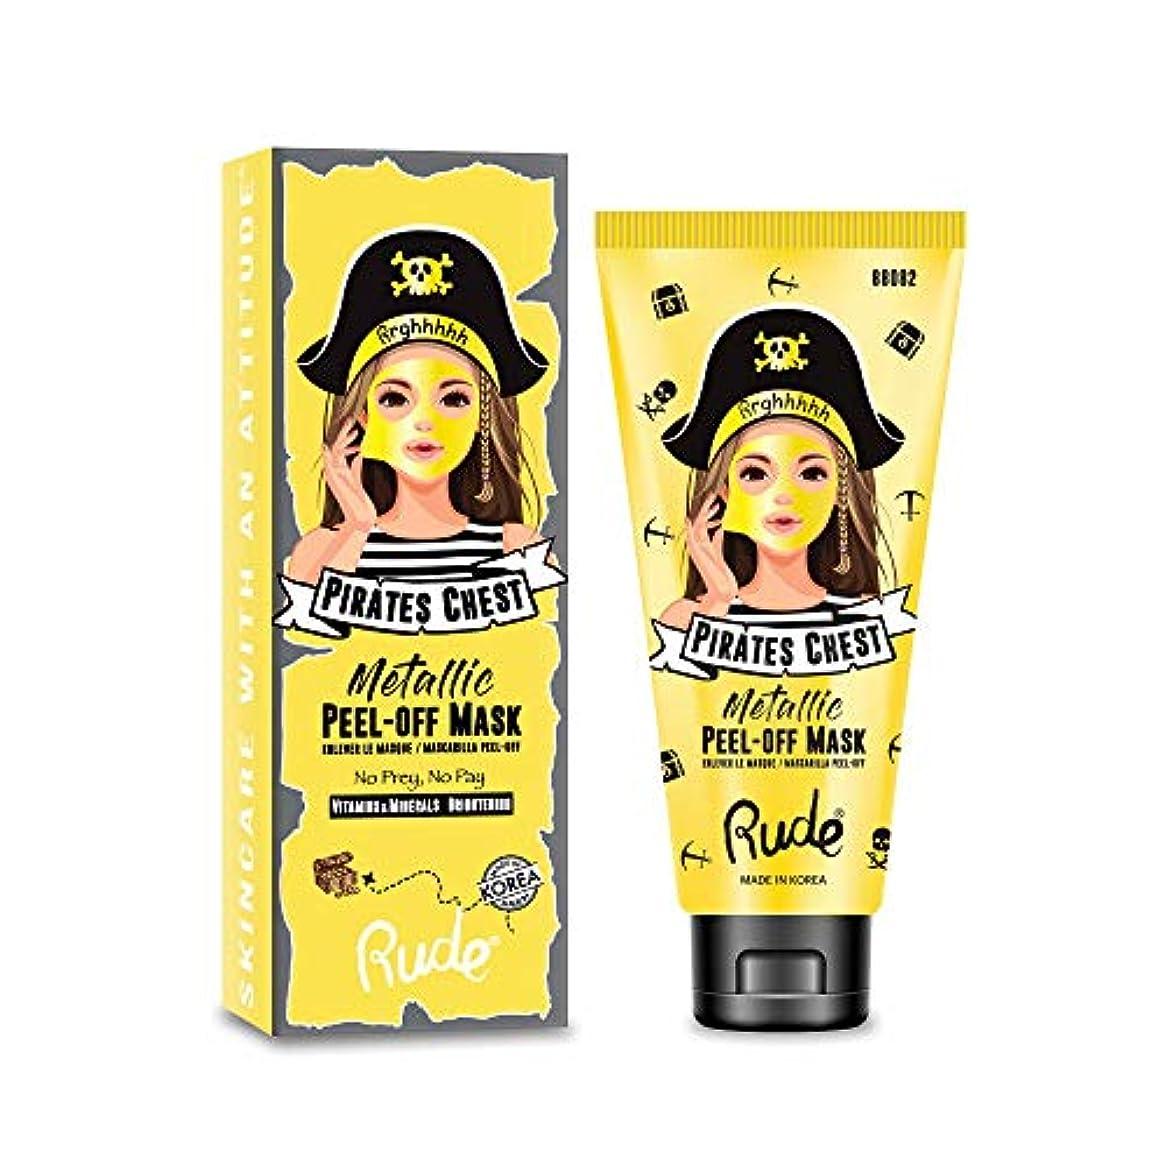 リフト前提壊れた(3 Pack) RUDE Pirate's Chest Metallic Peel-off Mask - No Prey, No Pay (並行輸入品)